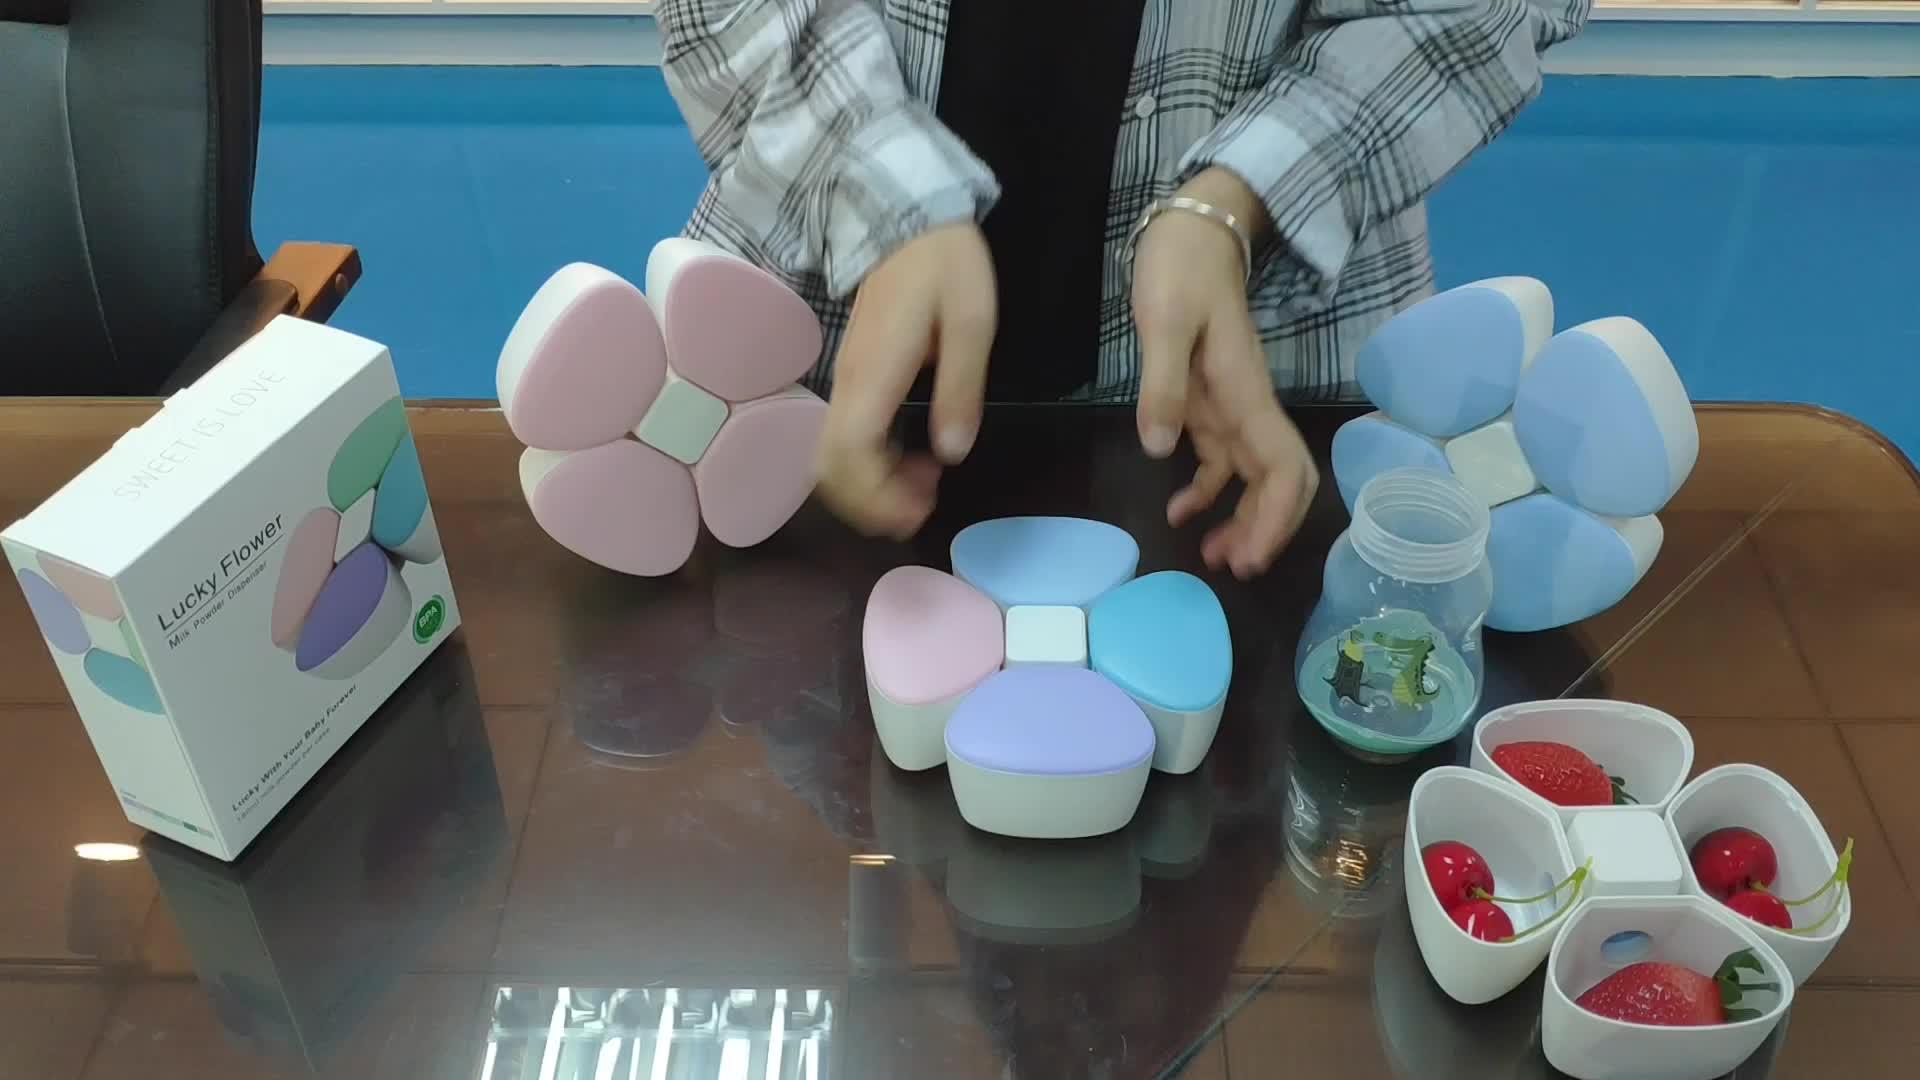 Goedkope Prijs Handig Praktische Grote Capaciteit Snack Opslag Innovatie 4 Cellen Baby Melk Opslag Container Te Koop